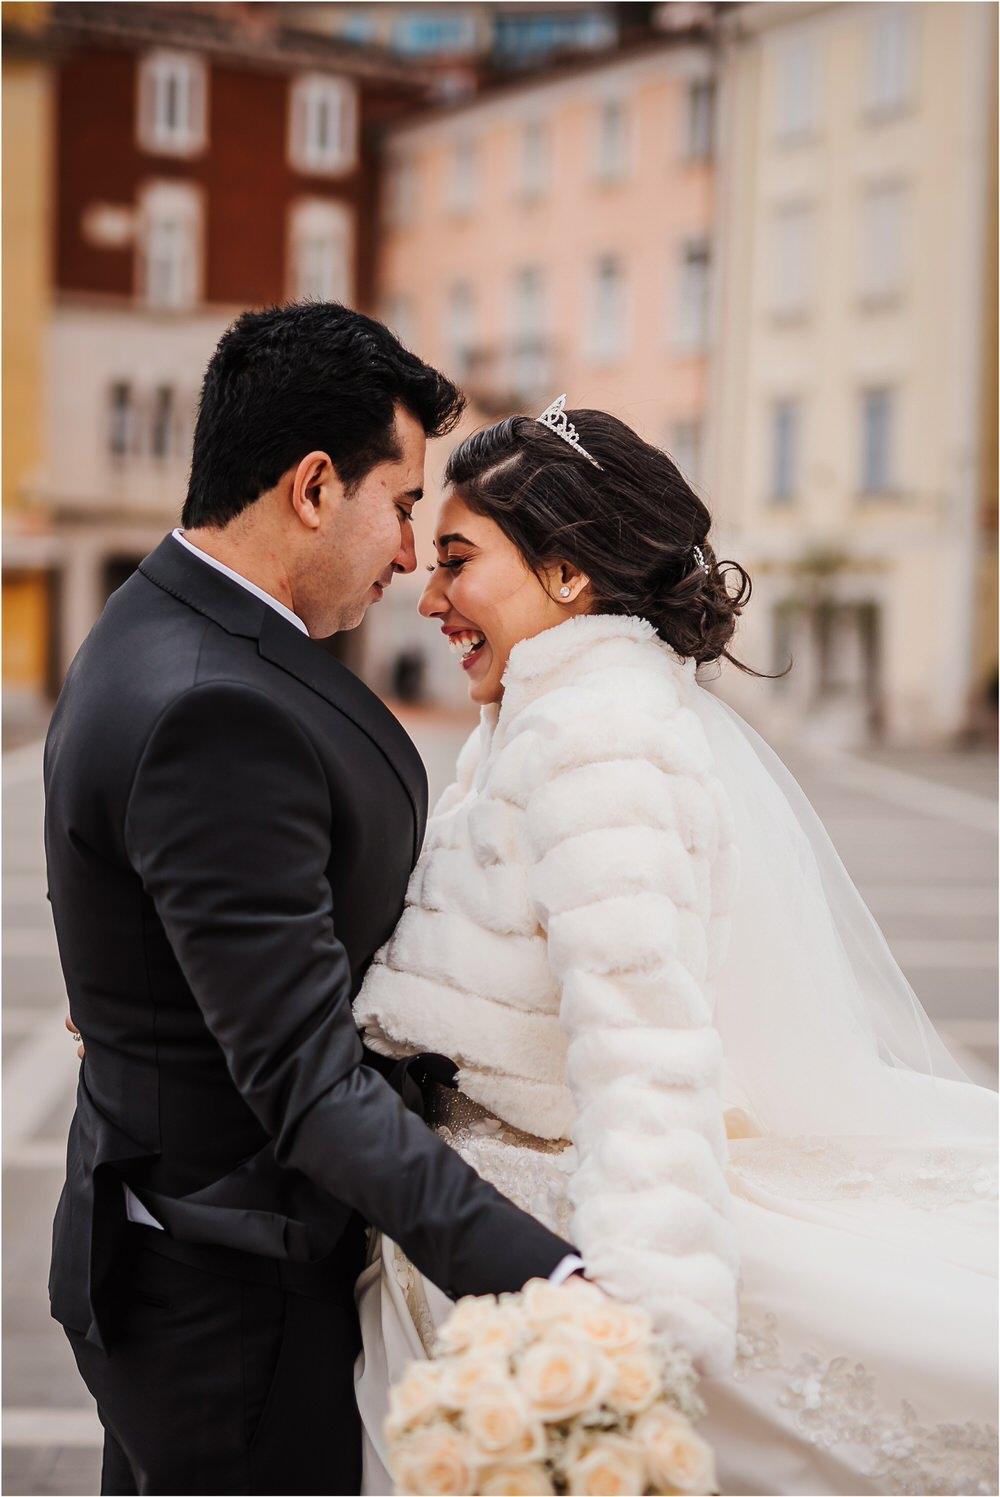 piran slovenia wedding elopement poroka obala portoroz primorska soline secovlje morje beach 0017.jpg